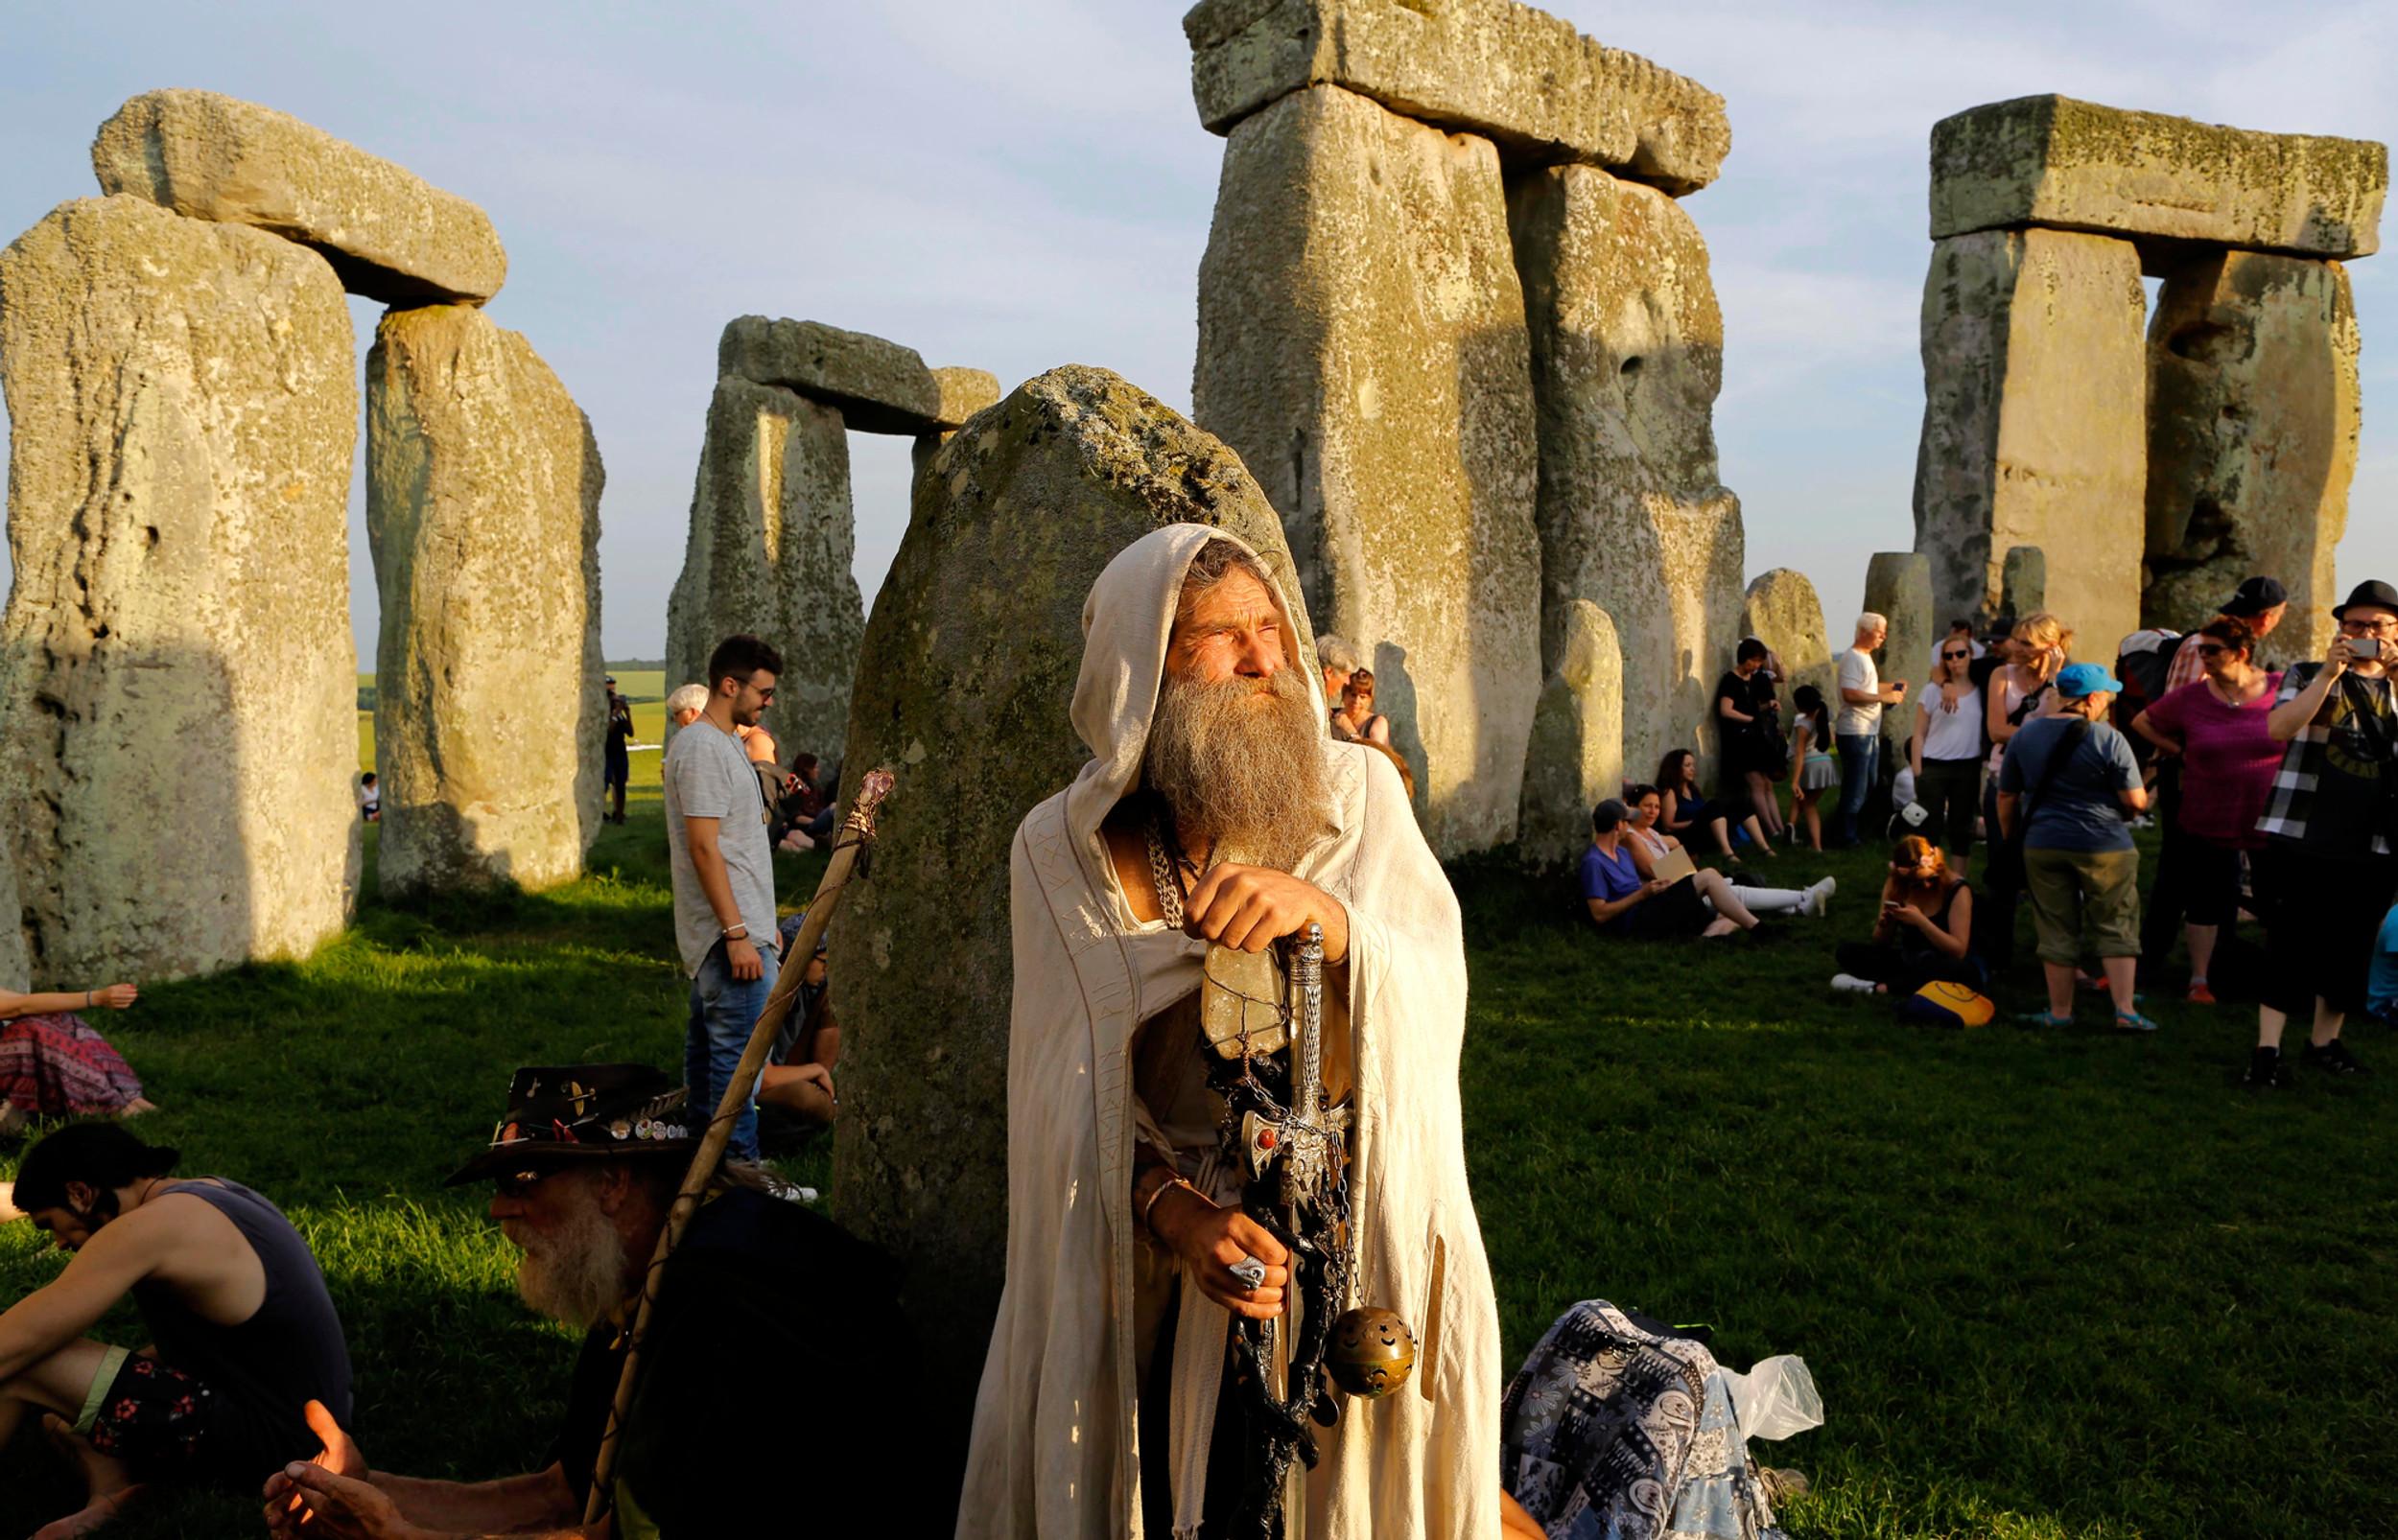 Druid's at Stonehenge, England.